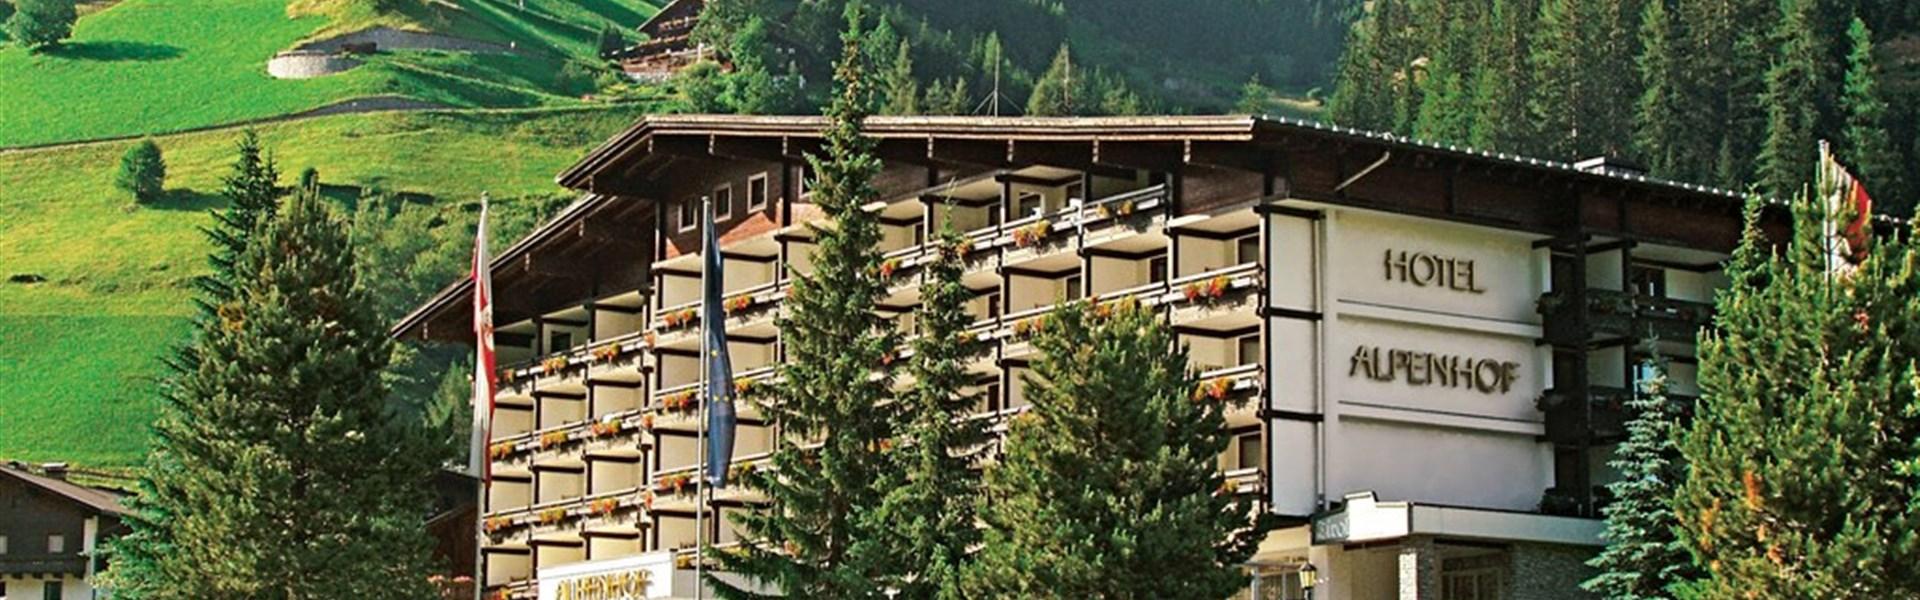 Hotel Alpenhof -